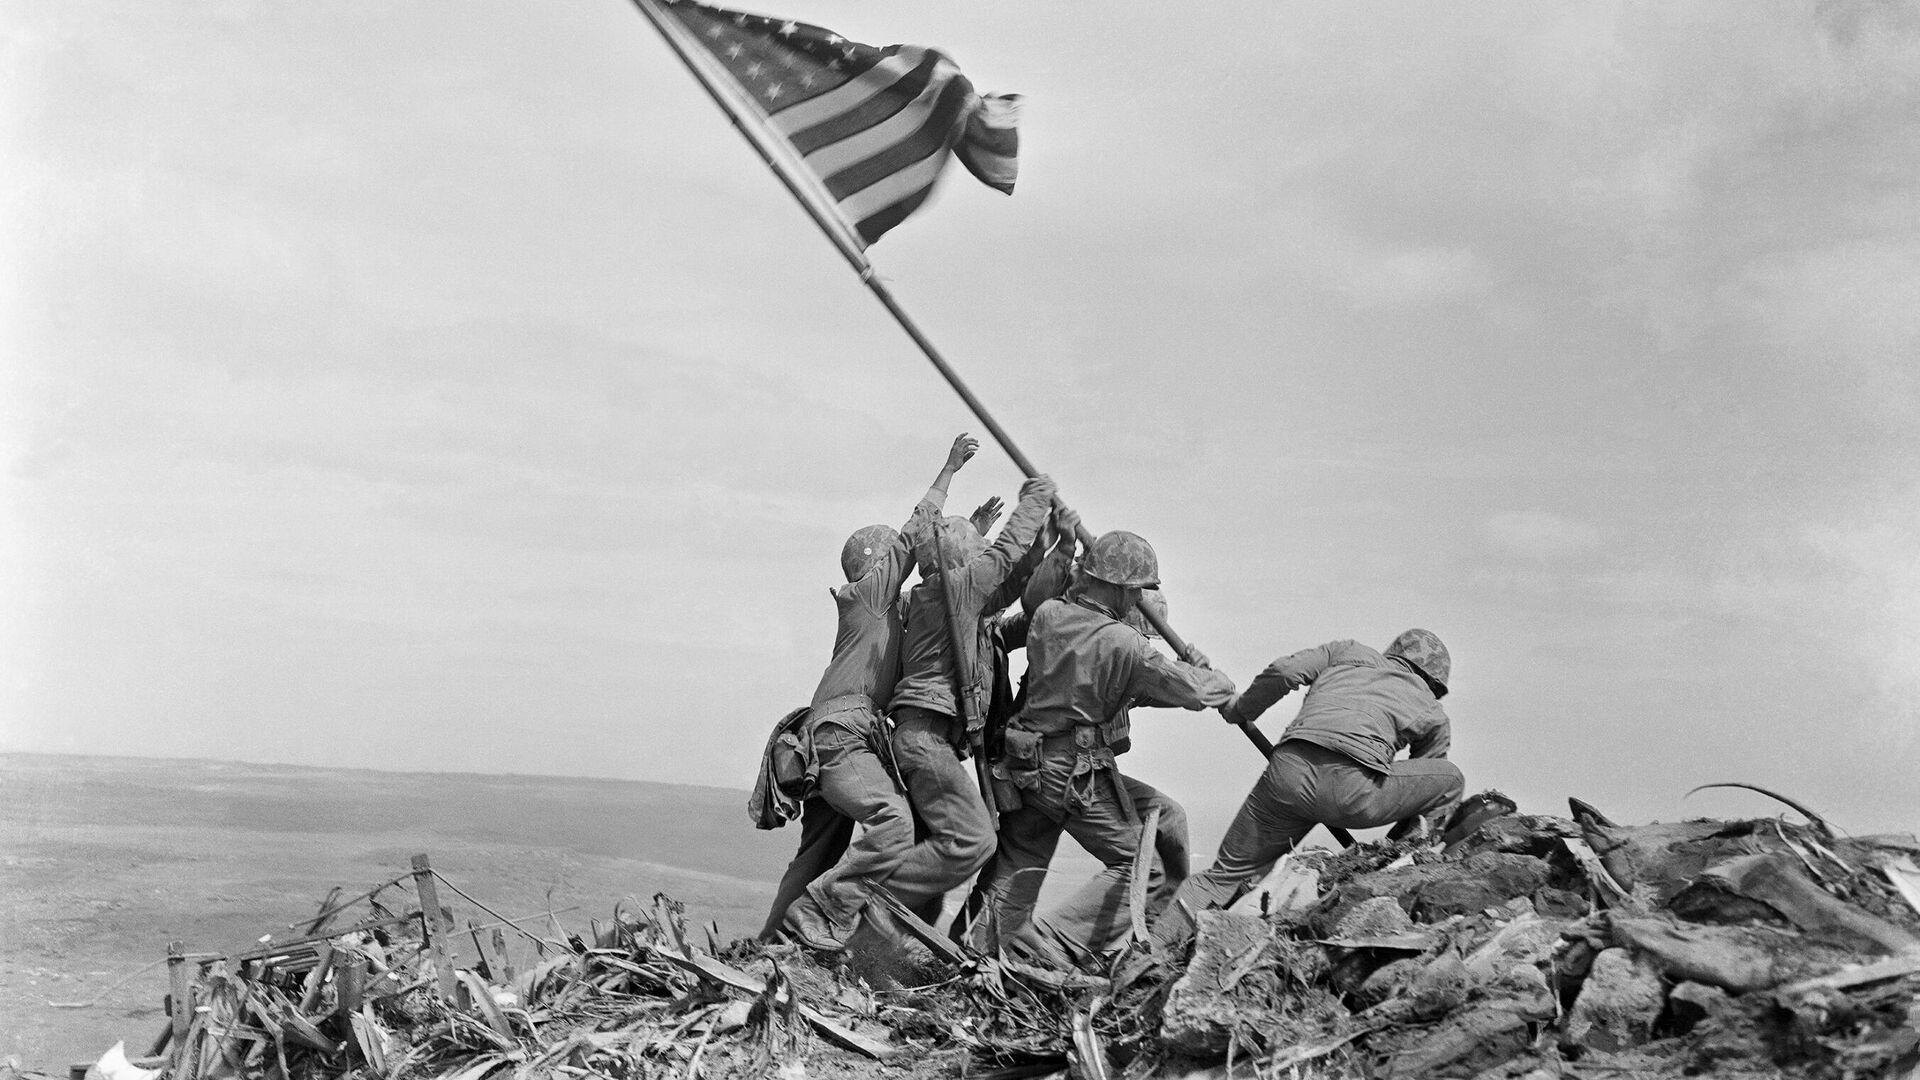 L'innalzamento della bandiera americana a Iwo Jima - Sputnik Italia, 1920, 26.08.2021